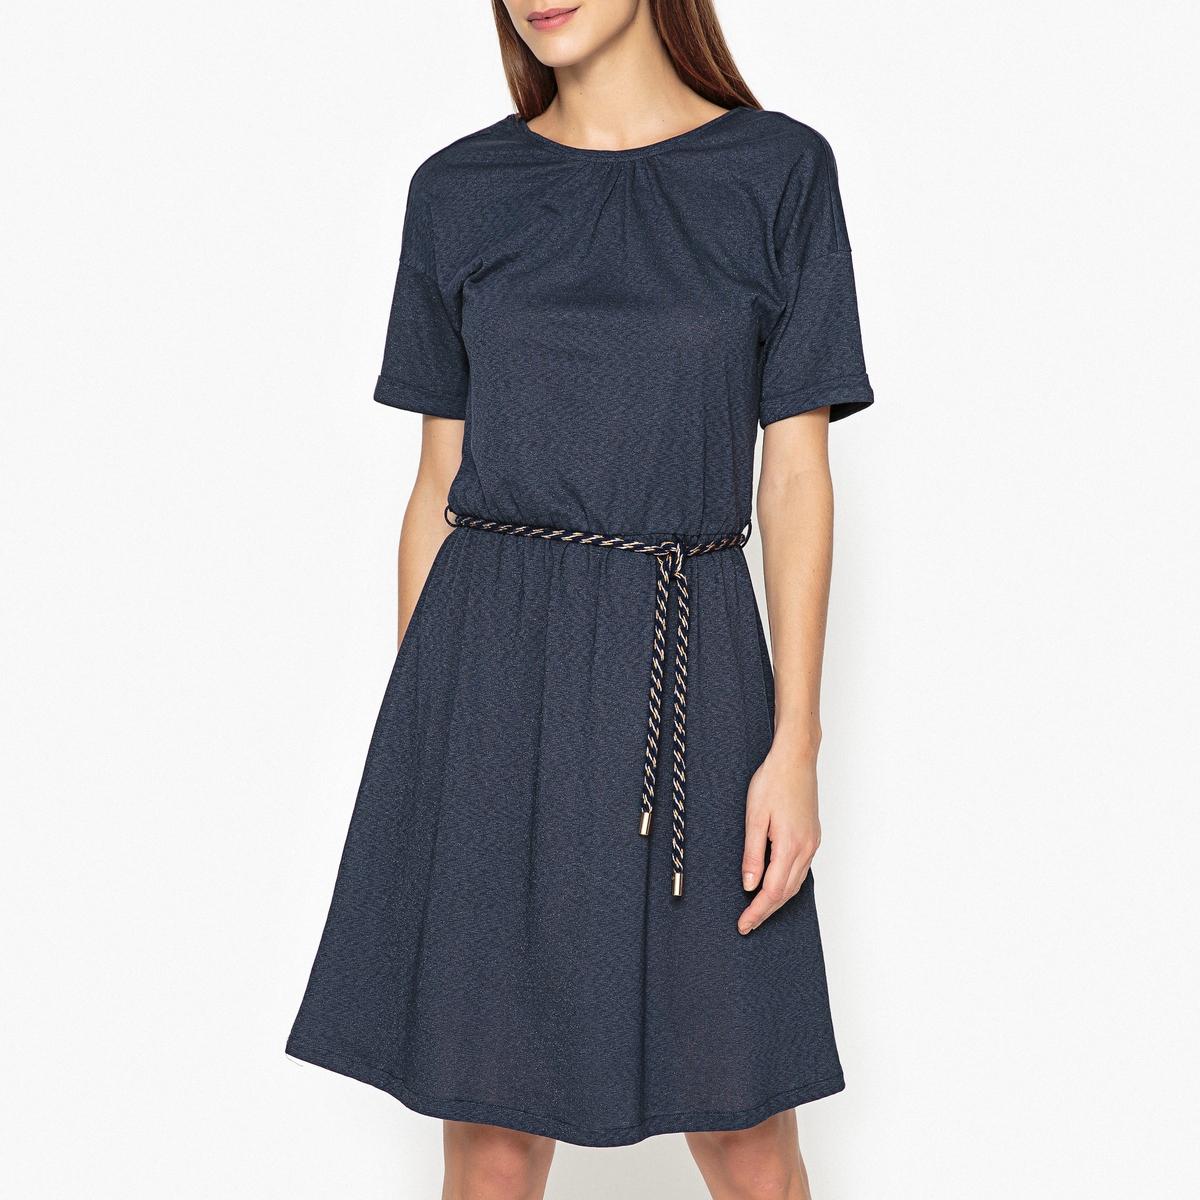 Платье короткое блестящее LULUОписание:Короткое блестящее платье SESSUN - модель LULU из блестящей ткани и с двухцветным поясом на завязках, красивый V-образный вырез сзади.Детали  •  Форма : расклешенная   •  Укороченная модель •  Короткие рукава    •  Круглый вырезСостав и уход  •  45% вискозы, 50% хлопка, 5% полиэстера •  Следуйте рекомендациям по уходу, указанным на этикетке изделия<br><br>Цвет: темно-синий<br>Размер: S